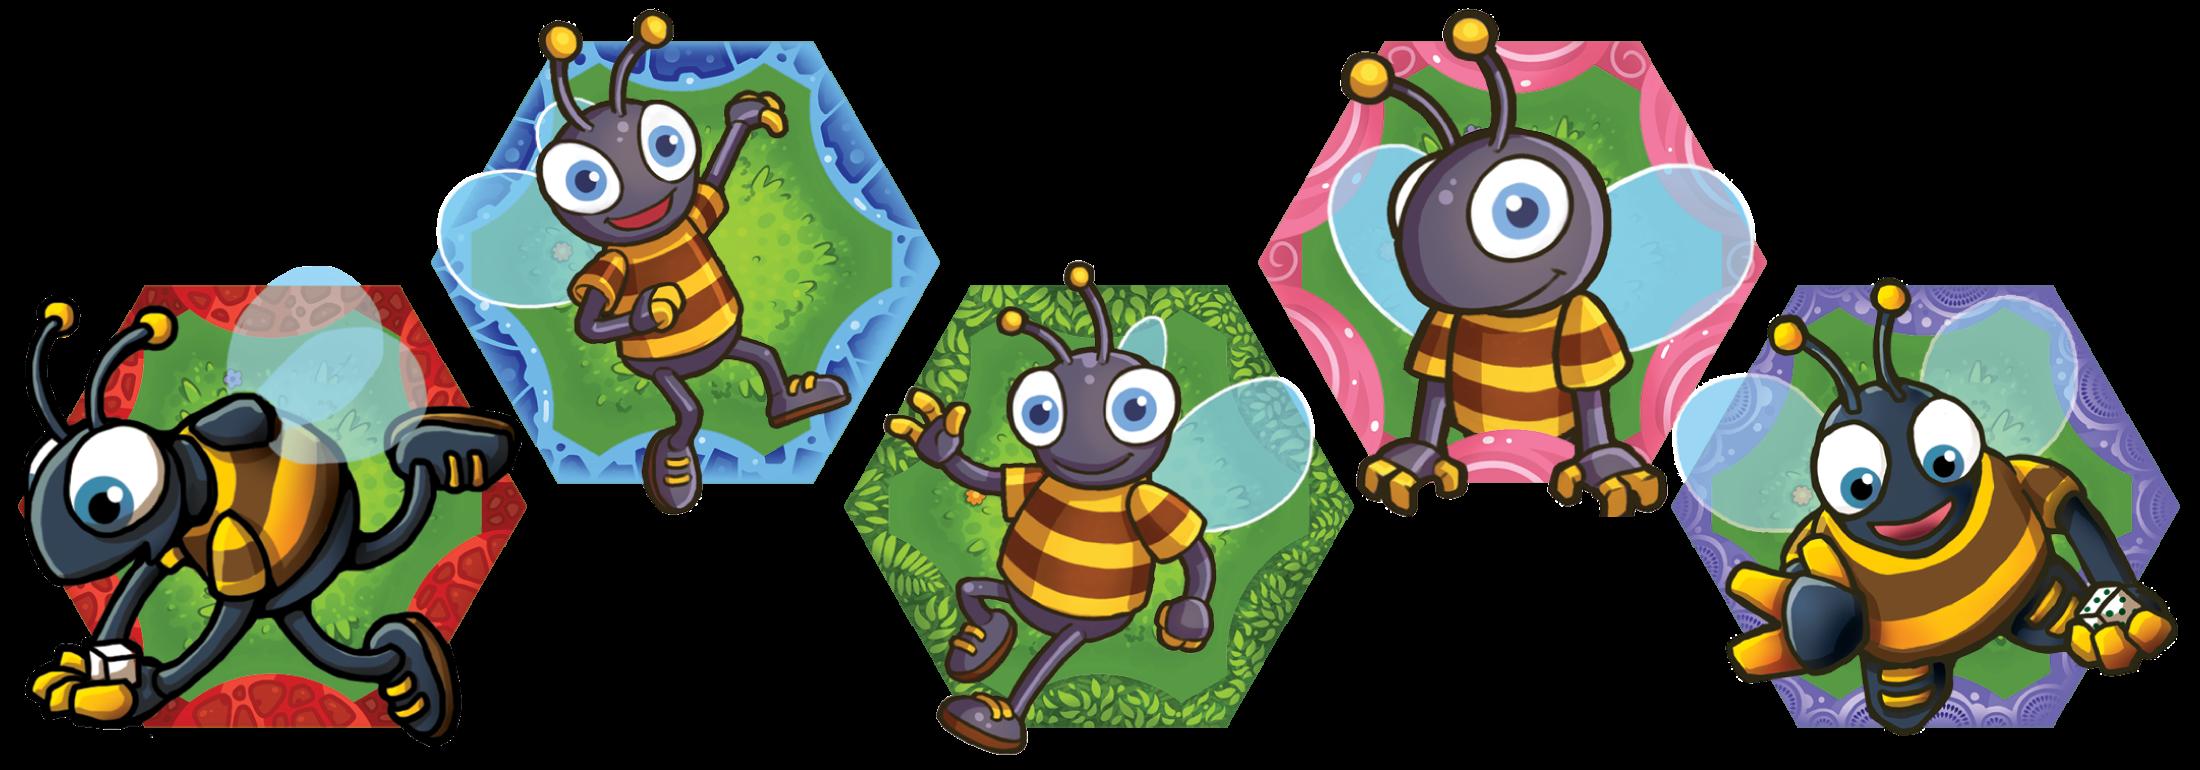 Five BEEEEES! tiles